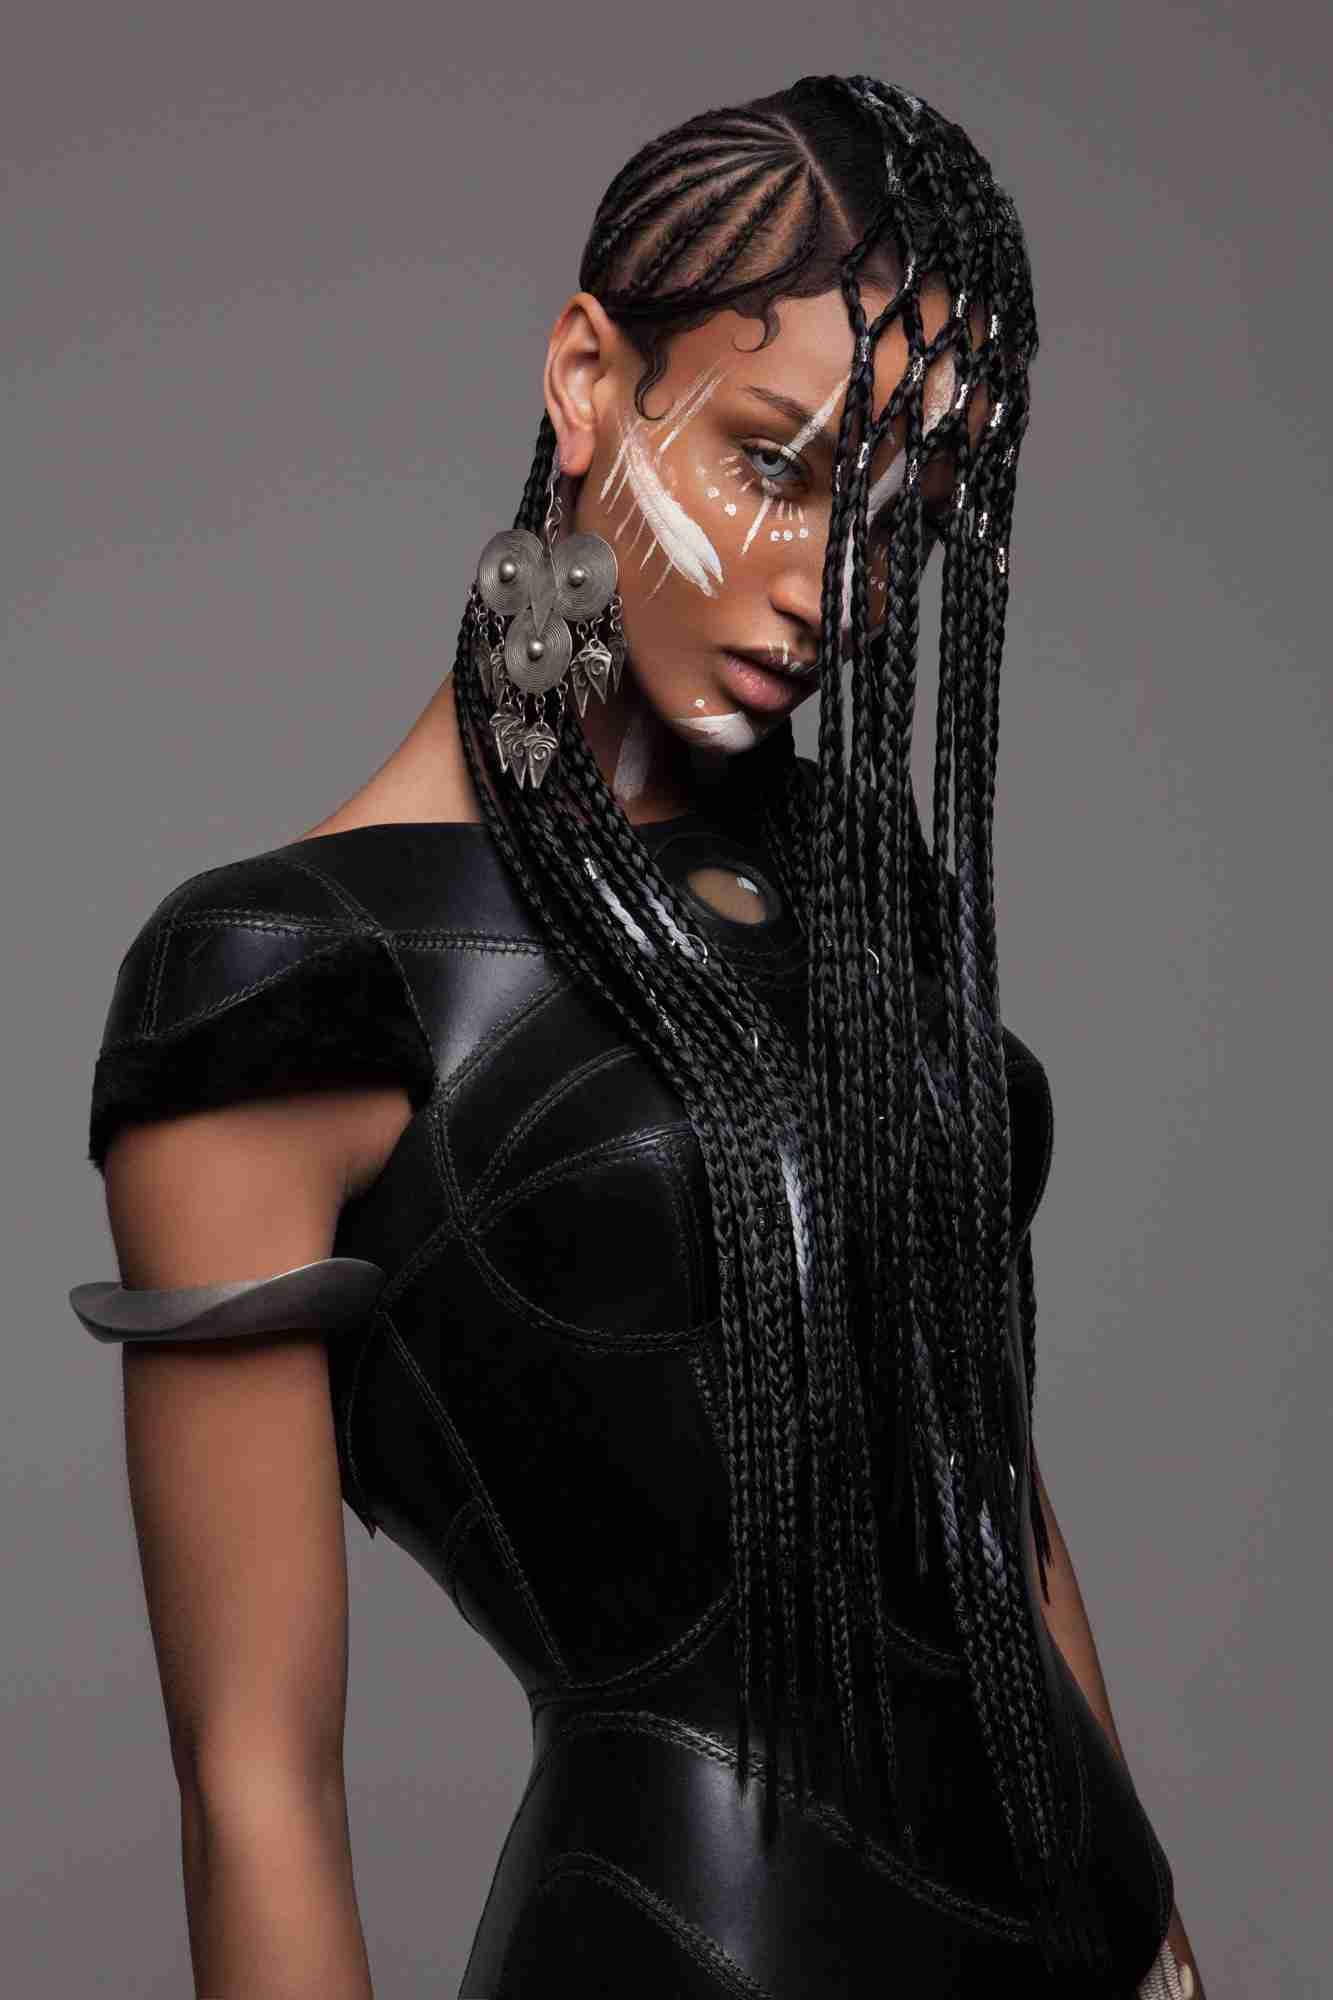 ジョジョに似てる!?世界的に有名なヘアアーティストの最新コレクションが斬新すぎる